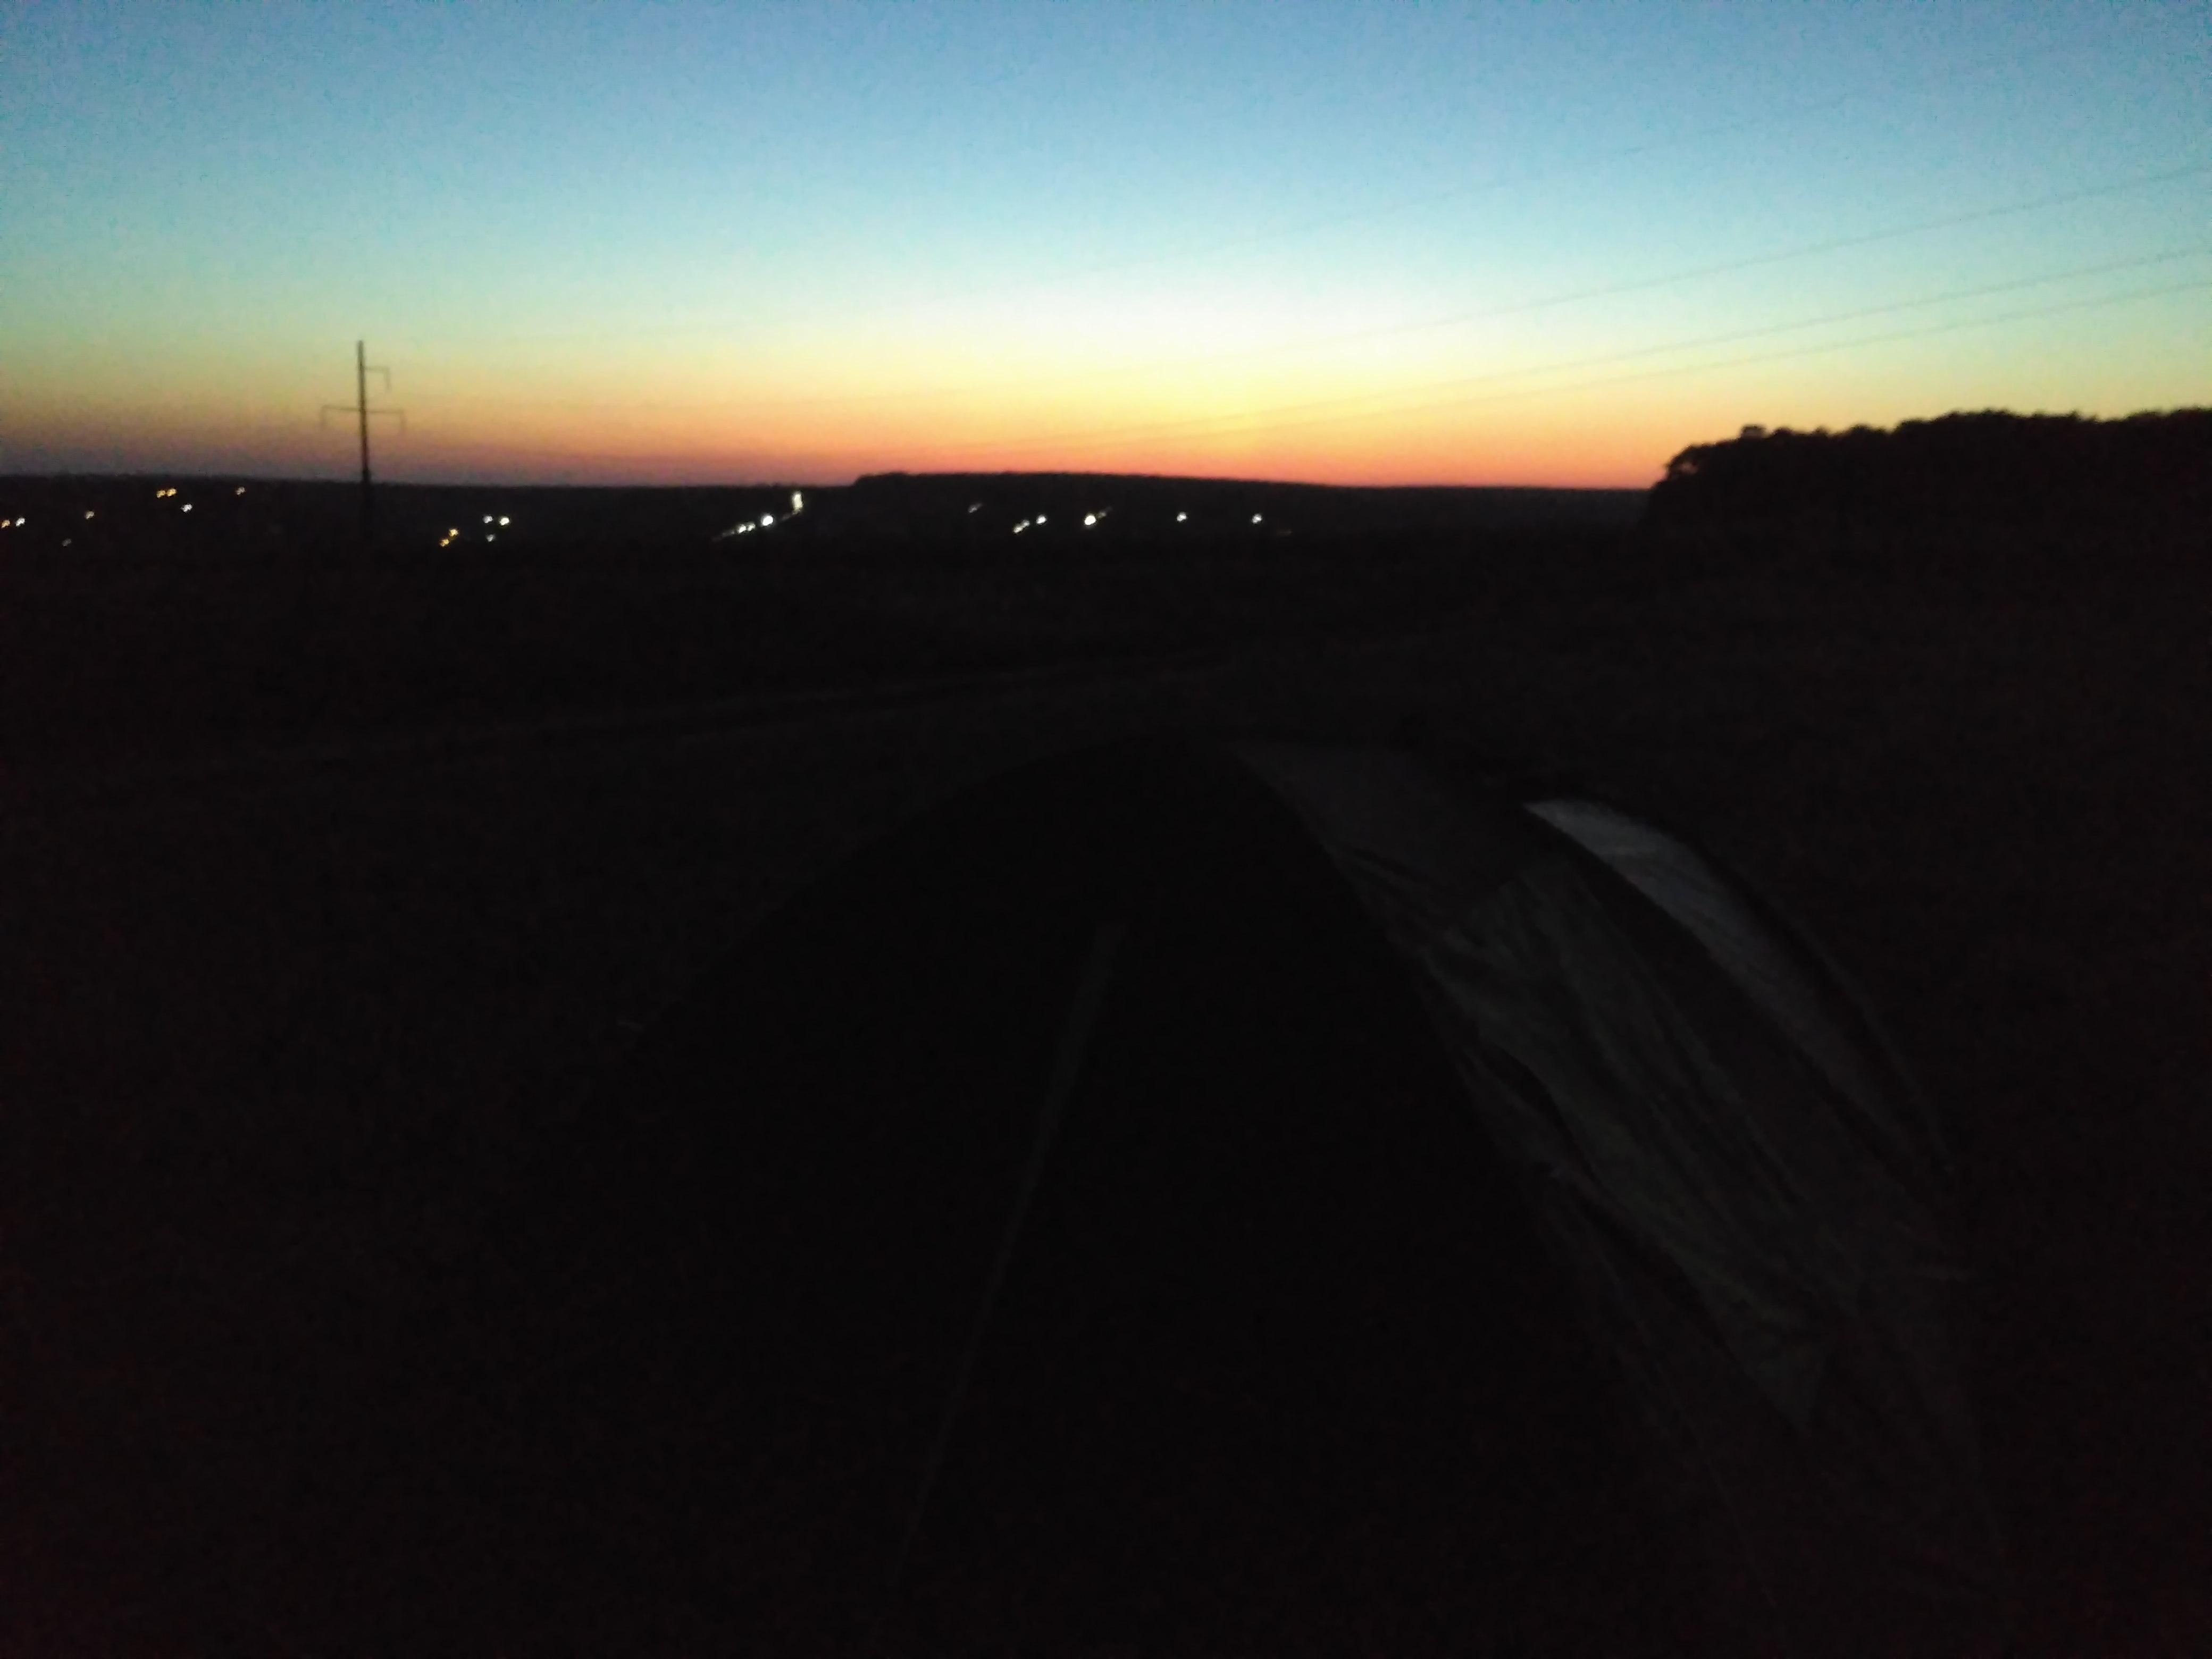 Nocleg w namiocie na rumuńskiej polance, 5 km od granicy z Moldovą